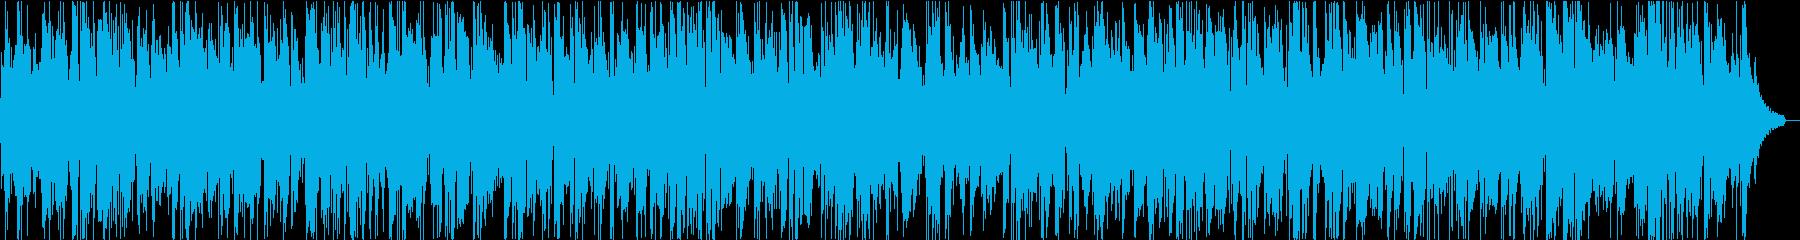 おしゃれサックス中心の都会的な洋楽R&Bの再生済みの波形